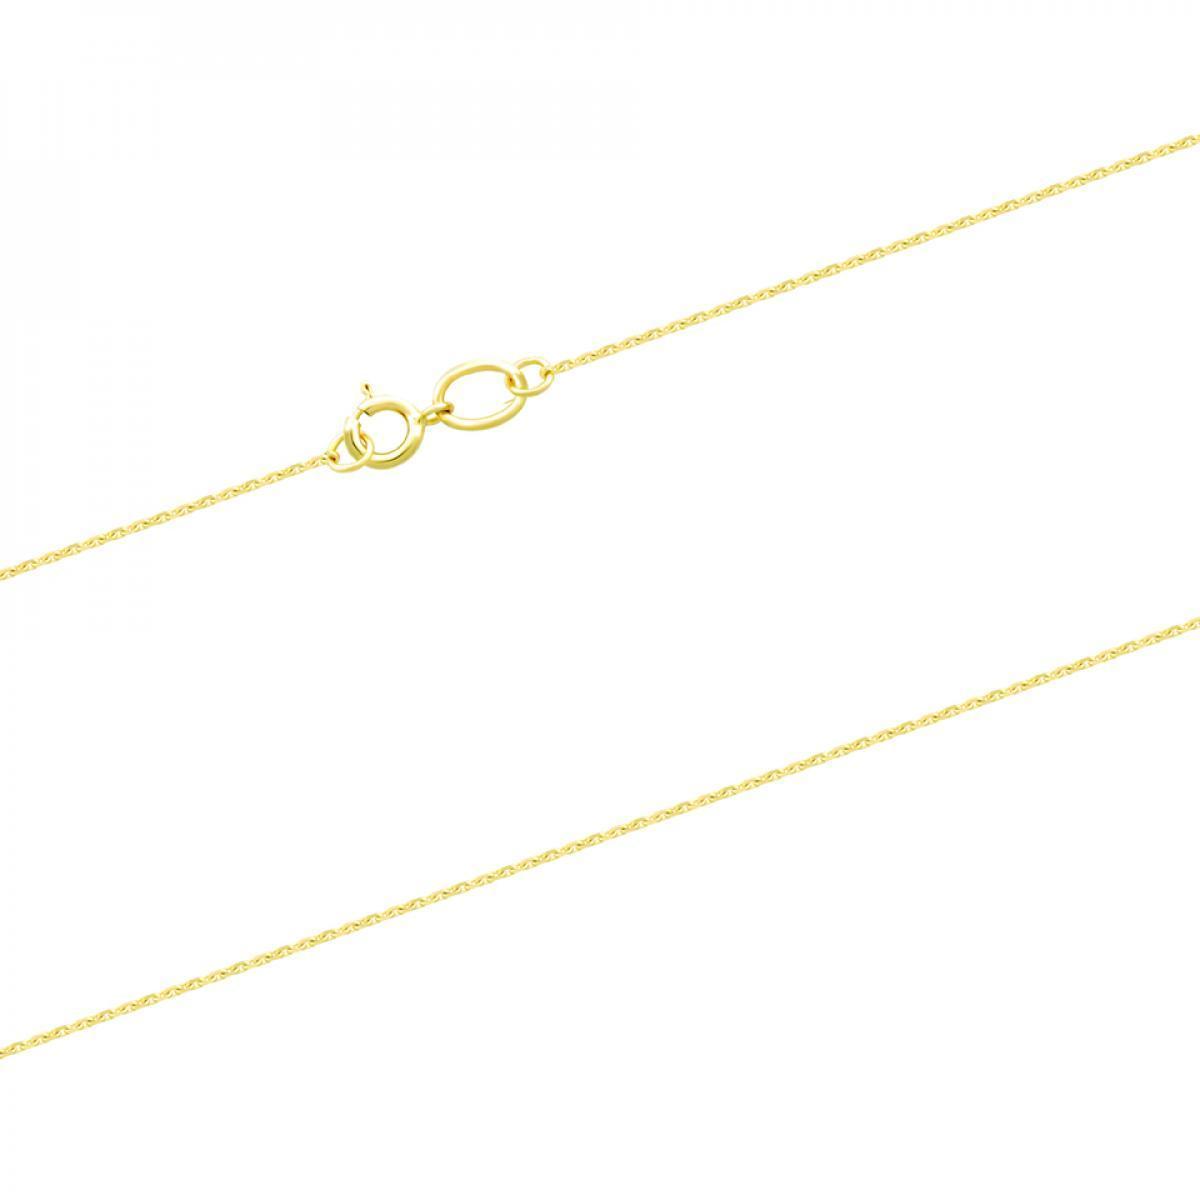 Ланцюжок з лимонного золота плетіння якір CABD-30X3 (40)